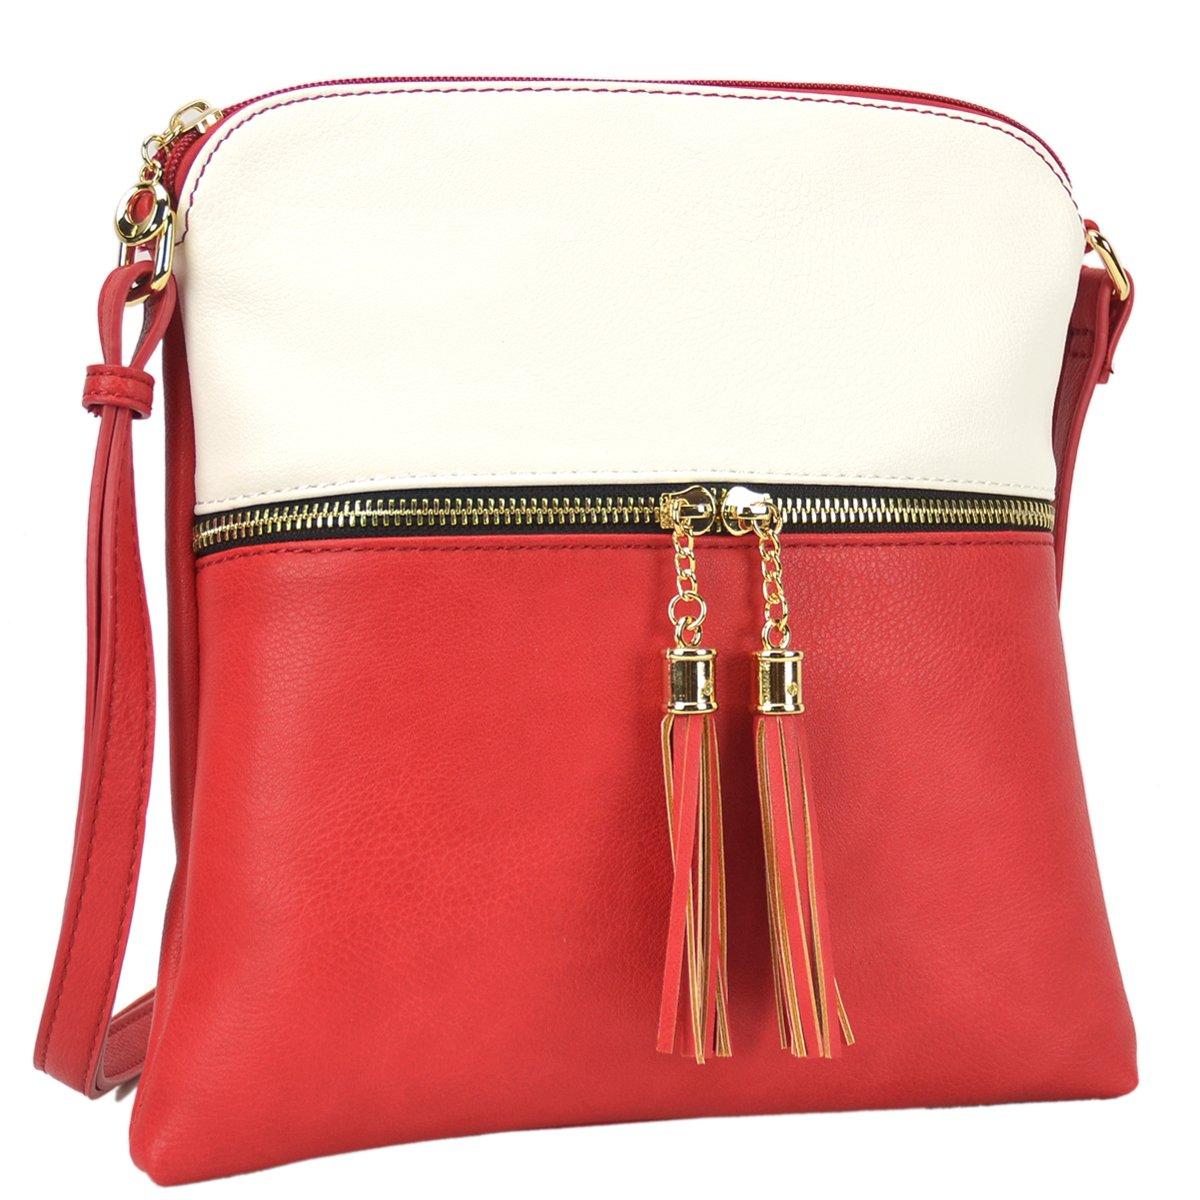 Lightweight Women Crossbody Bags,Travel Shoulder Messenger Purse Medium Size Clutch Multi Zipper Designer Satchel for All Seasons (MKP-LP062-WT+WM)